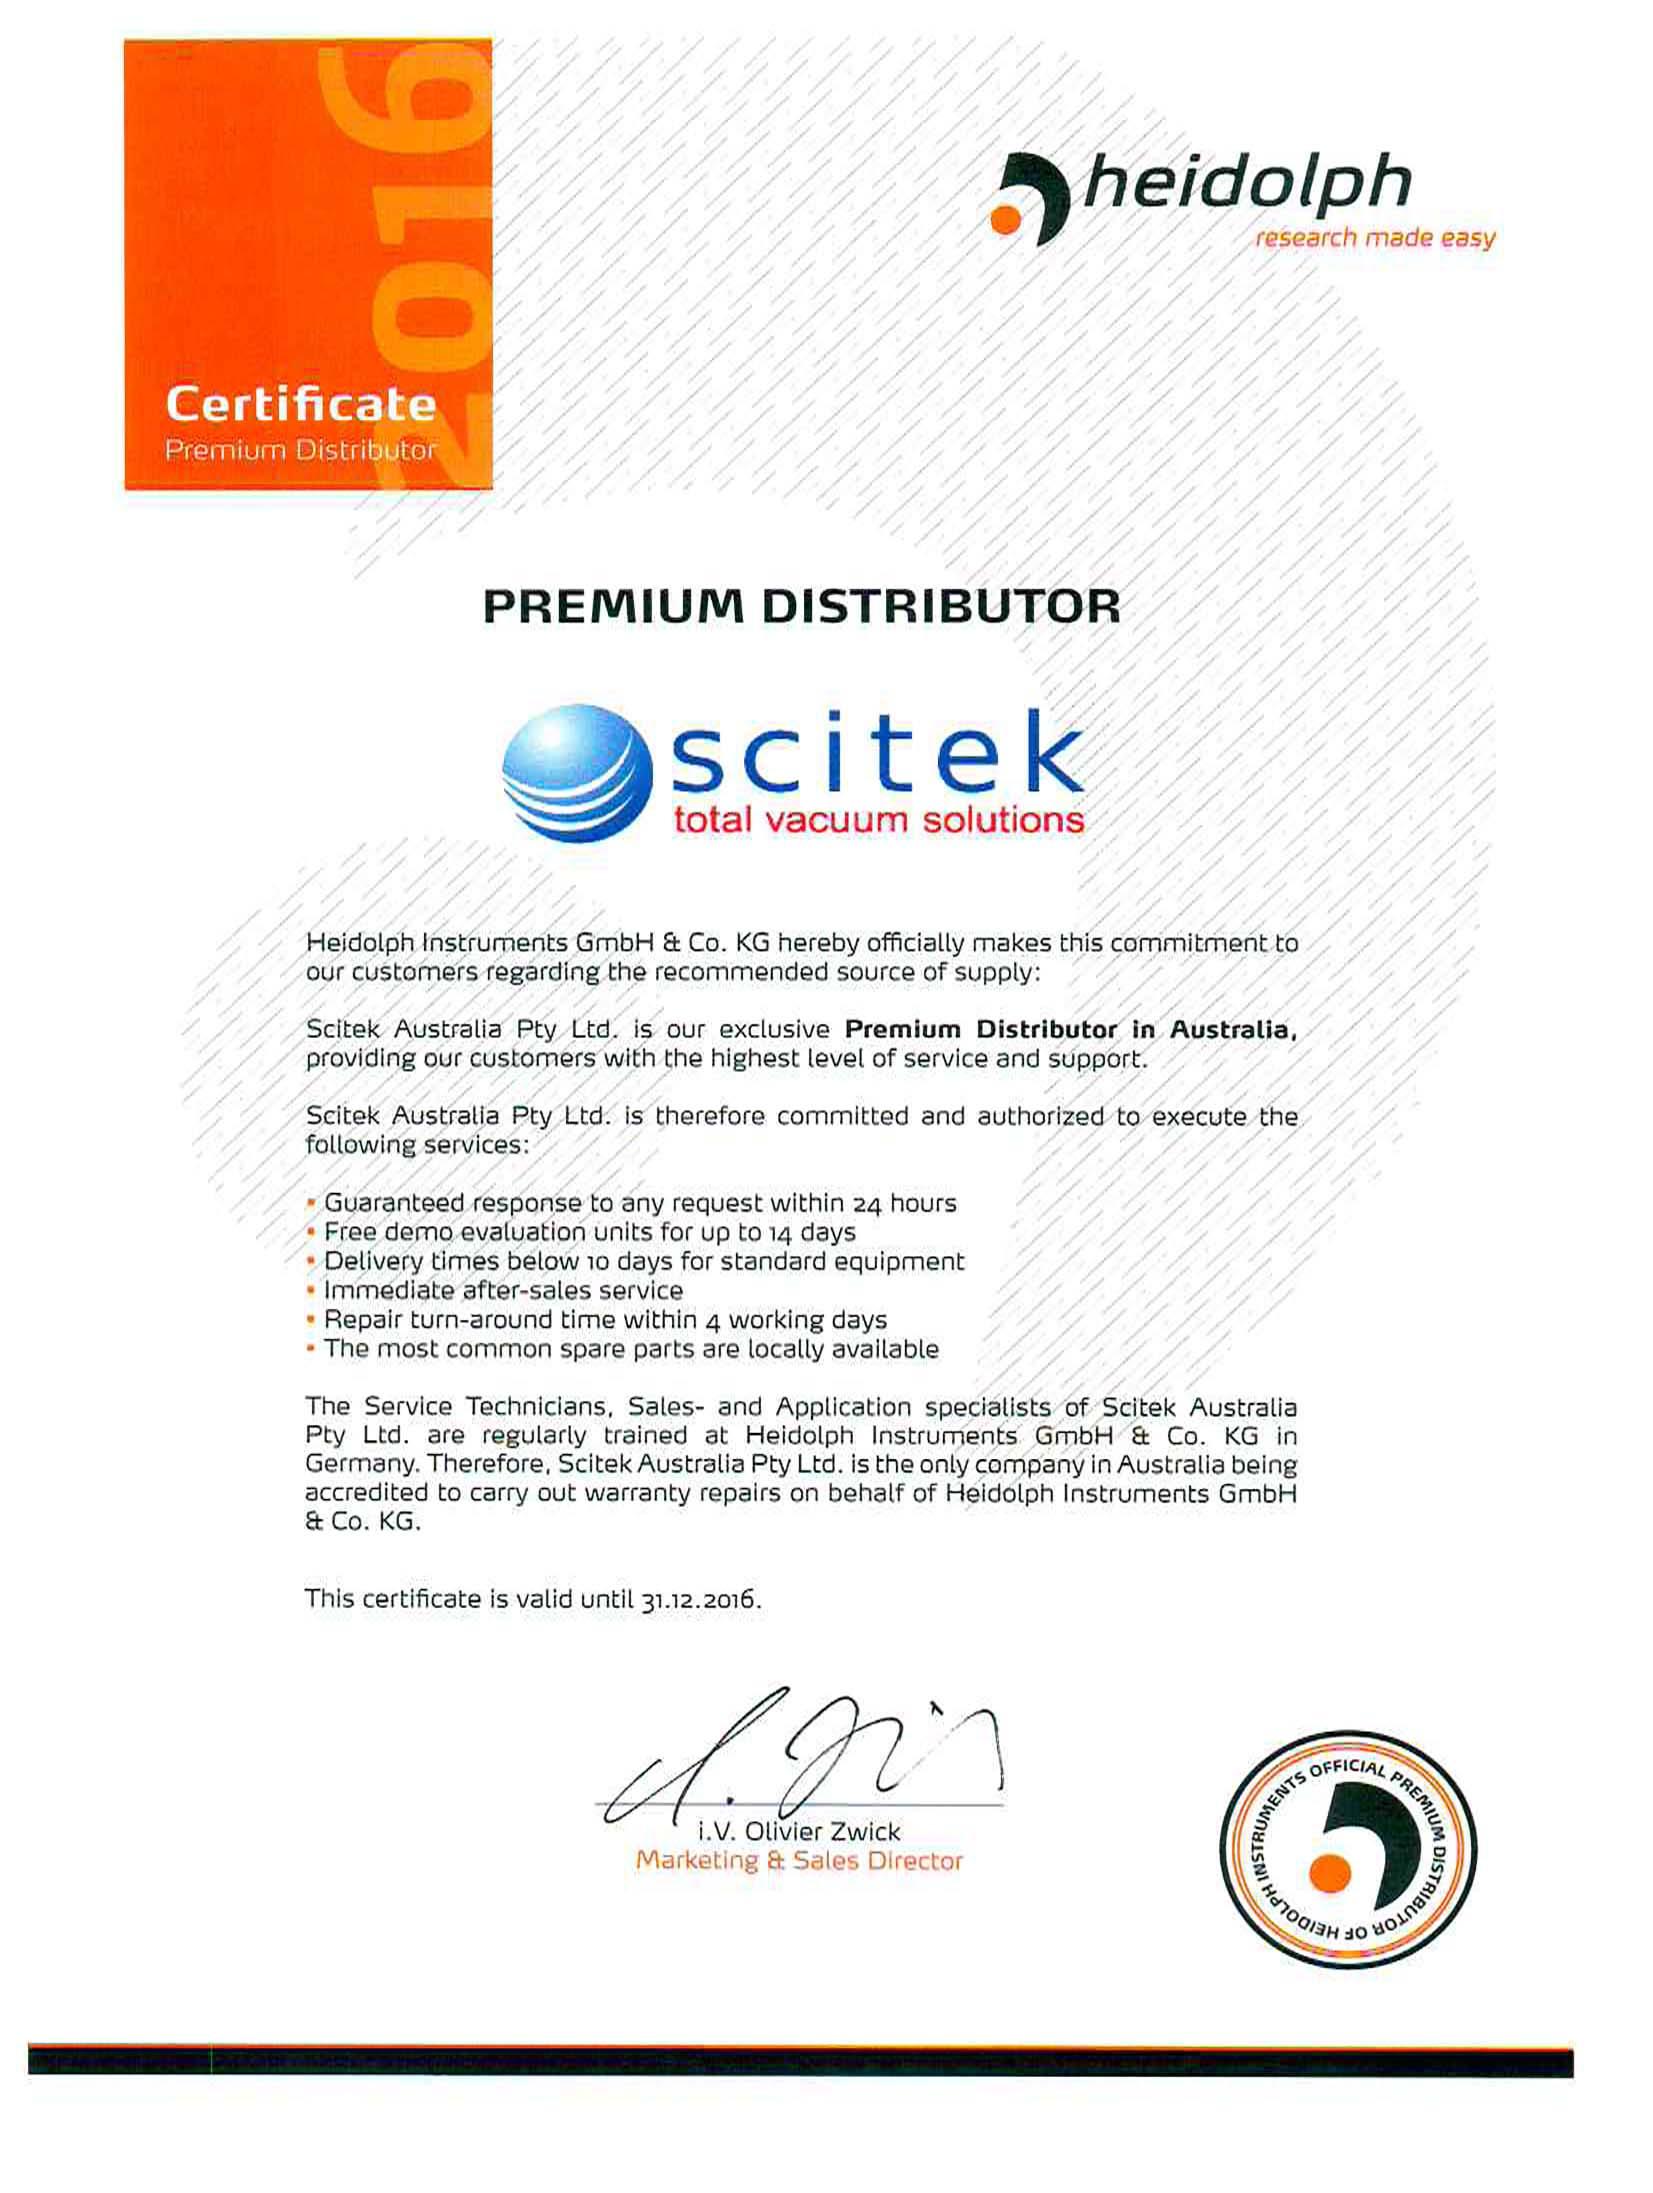 Premium distributor certificate scitek scitek technologies for science premium distributor certificate scitek altavistaventures Choice Image